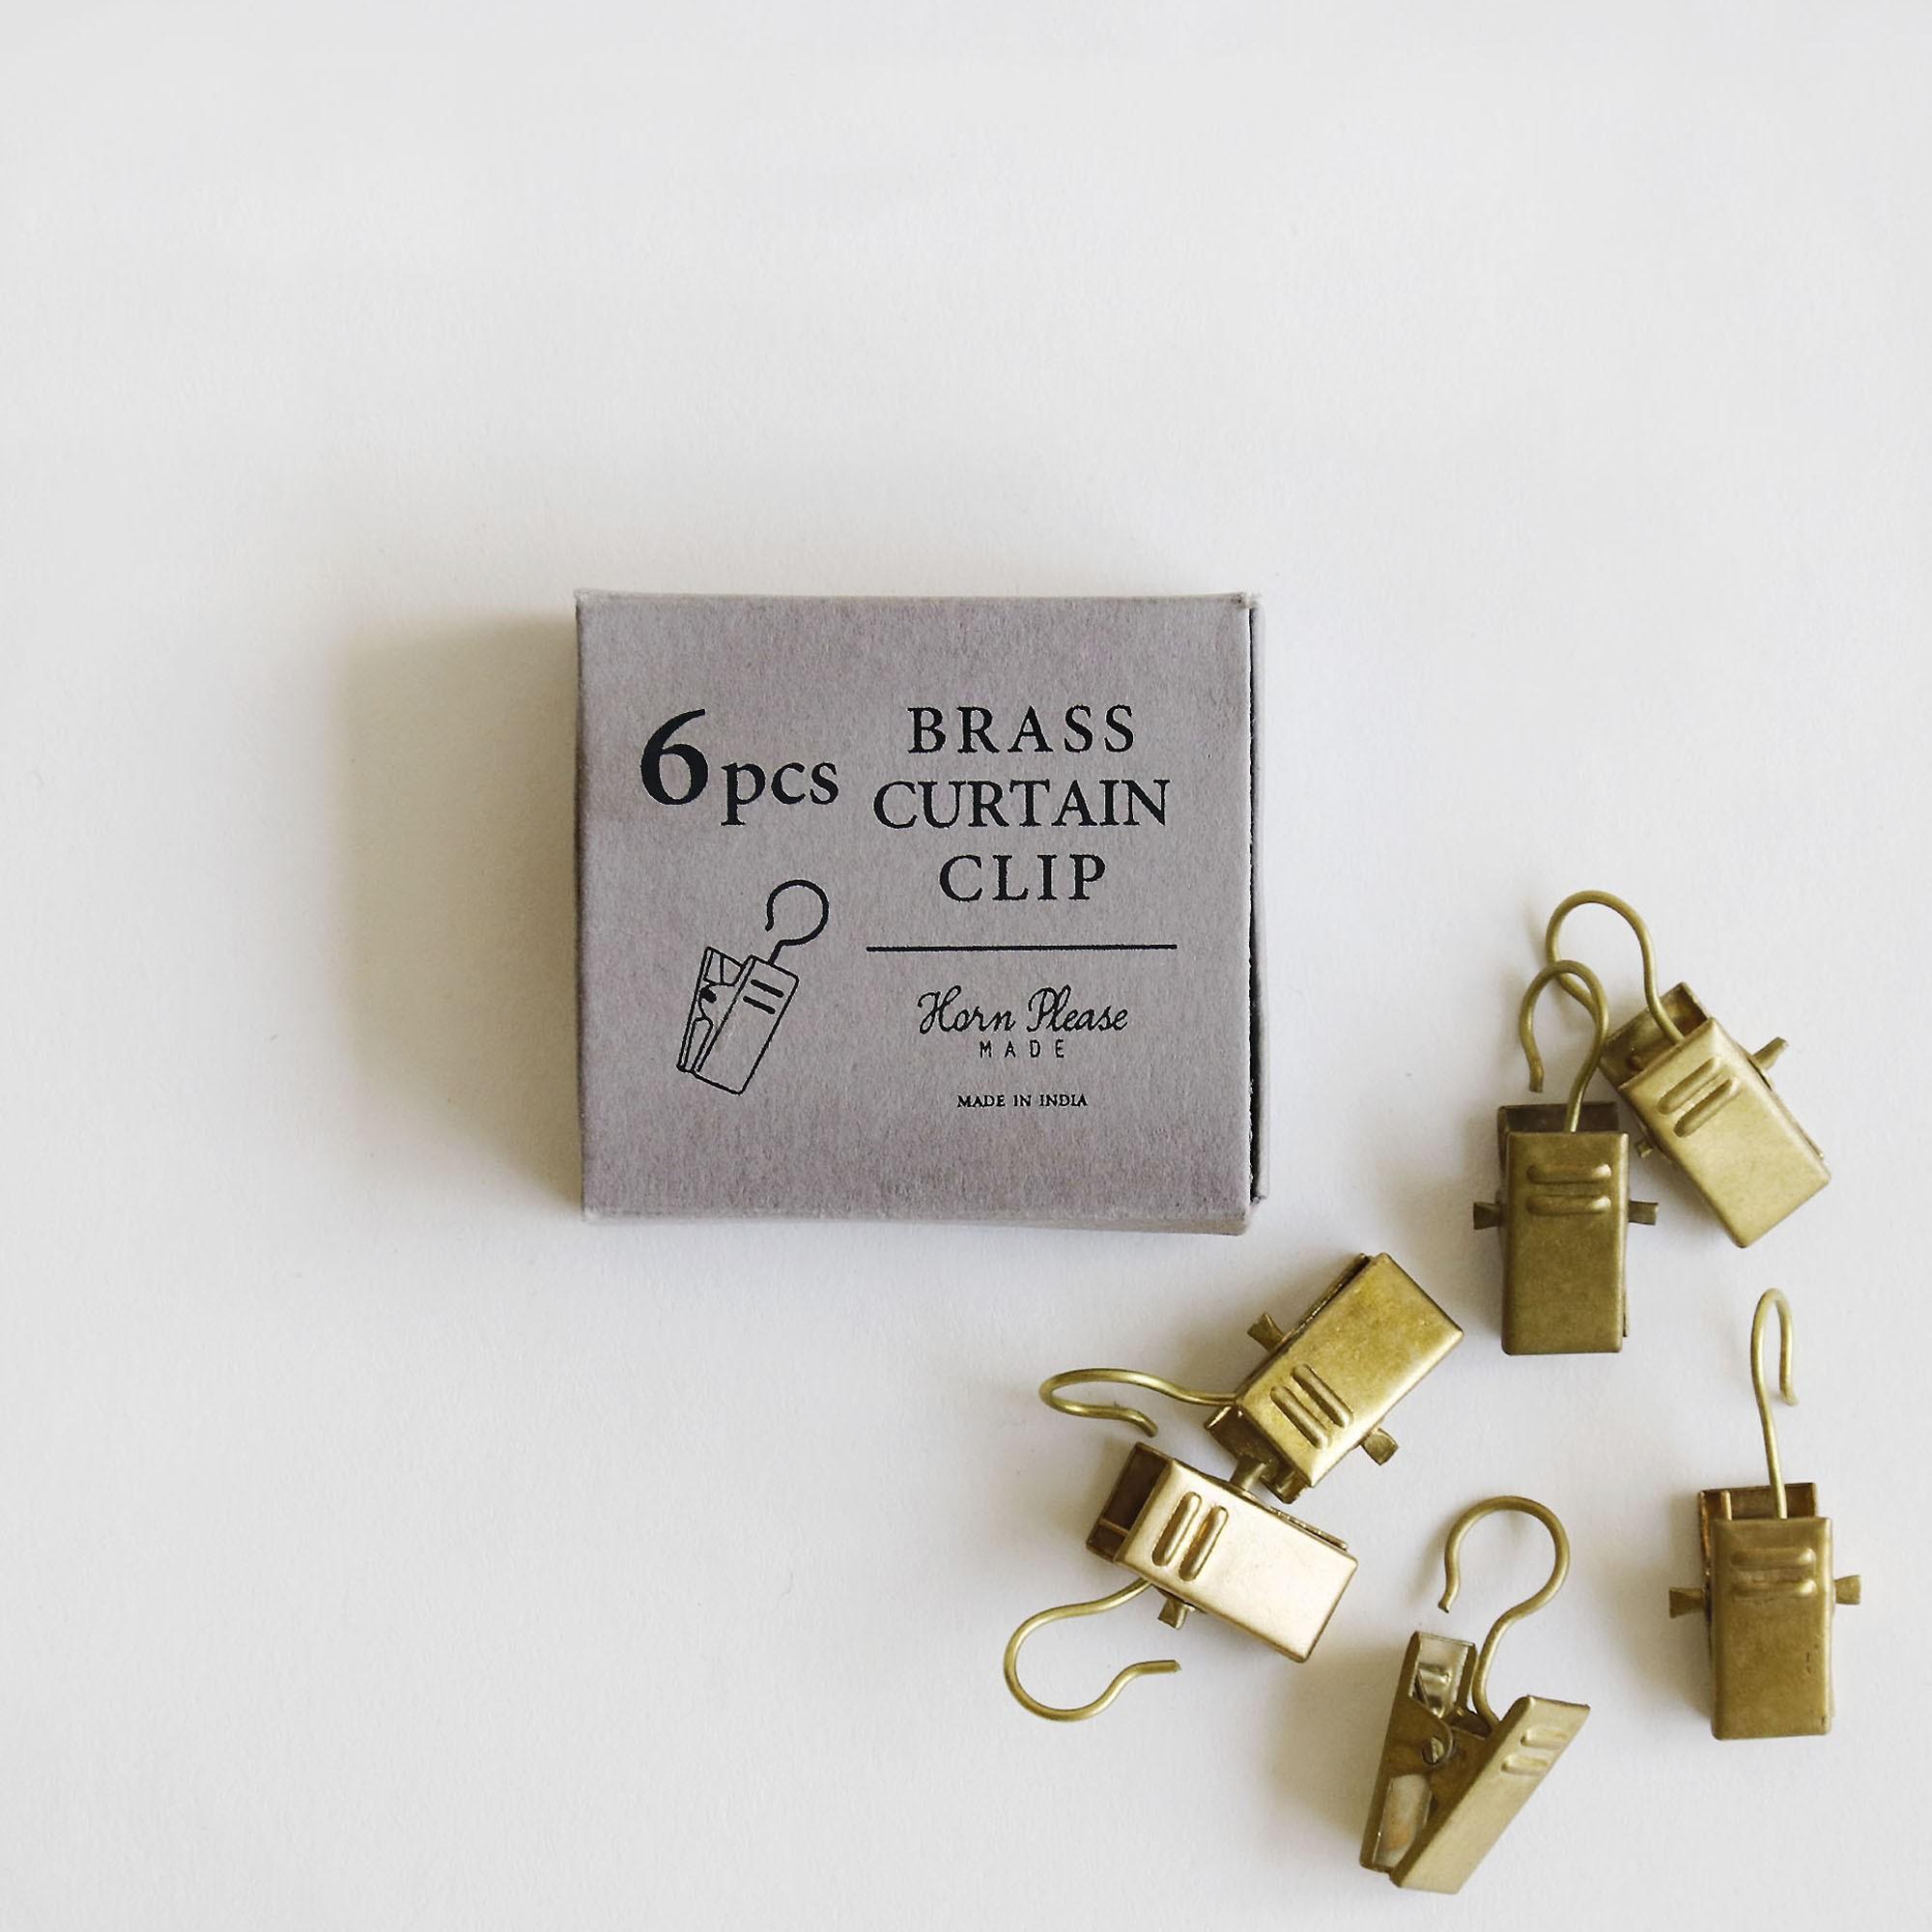 真鍮カーテンクリップ 6個セット BRASS ブラス クリップランナー 実物 DIY アンティーク風 什器 登場大人気アイテム ディスプレイ Horn シンプル Please インテリア 撮影